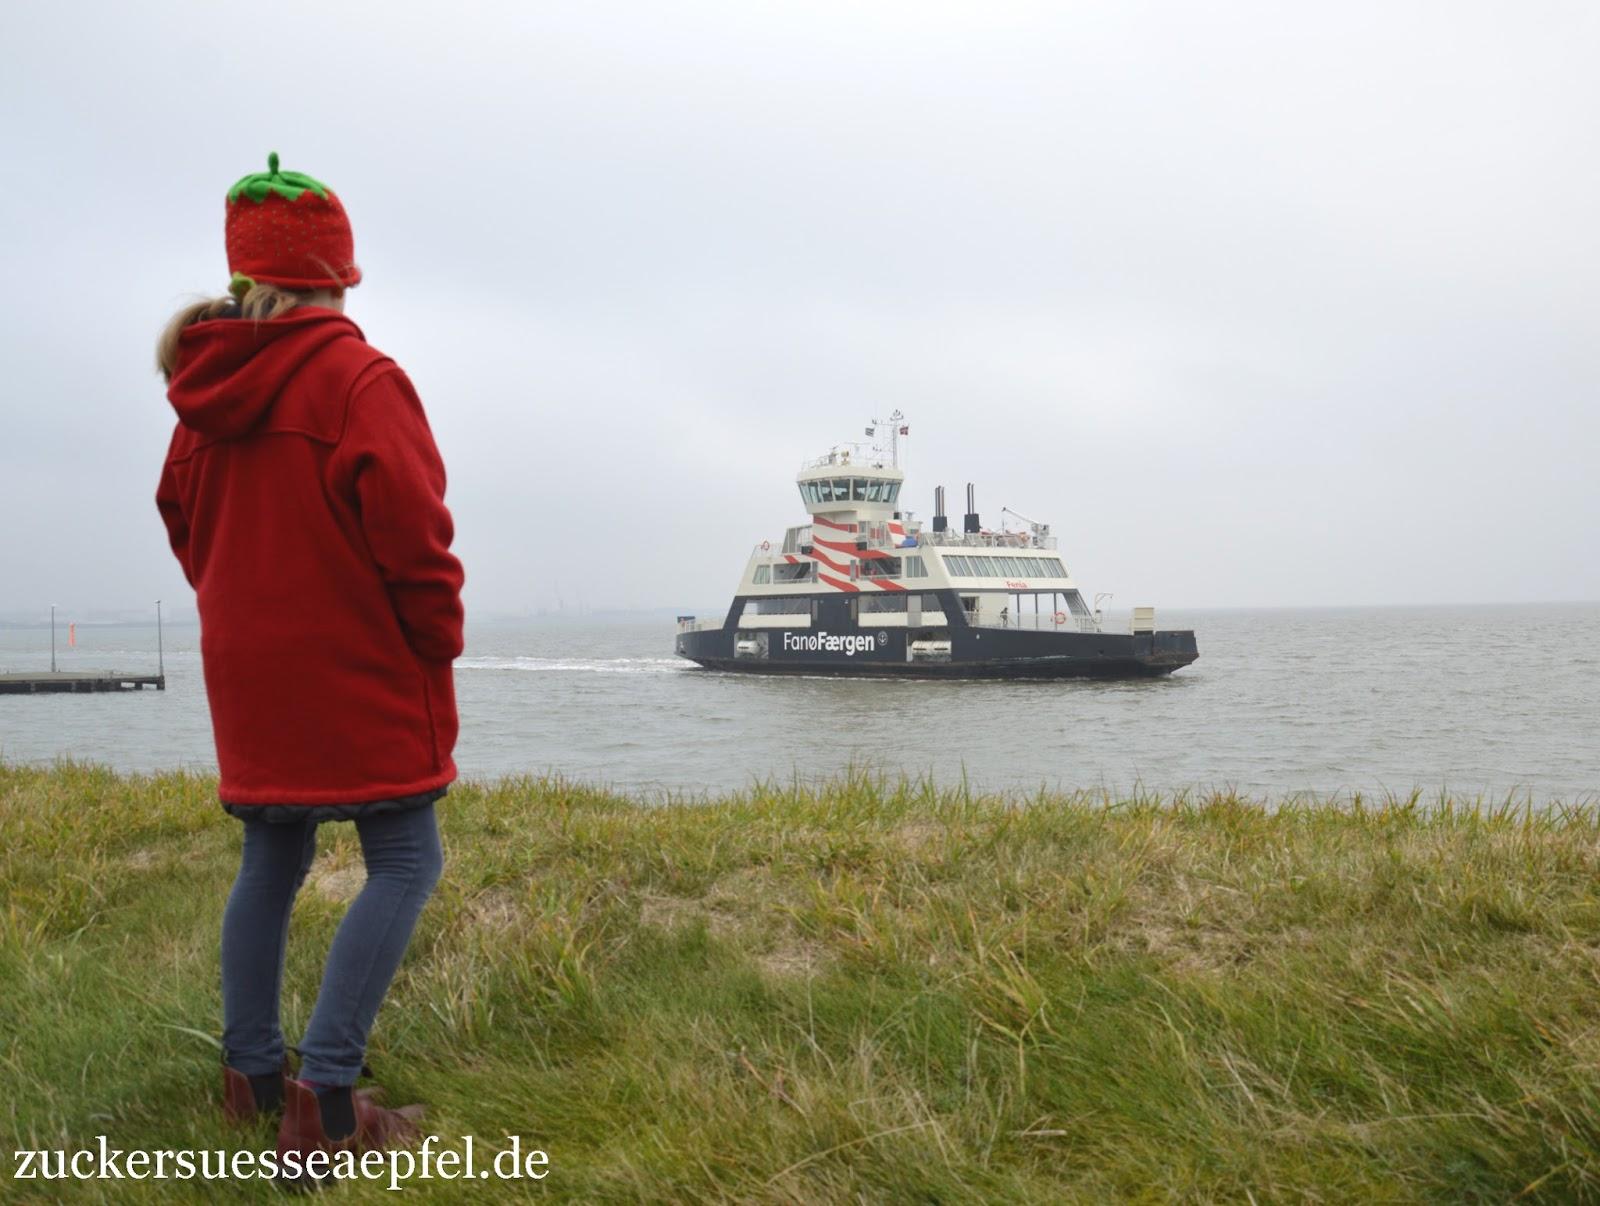 Die dänische Insel Fan¸ mit unserem Ferienhaus erster Teil